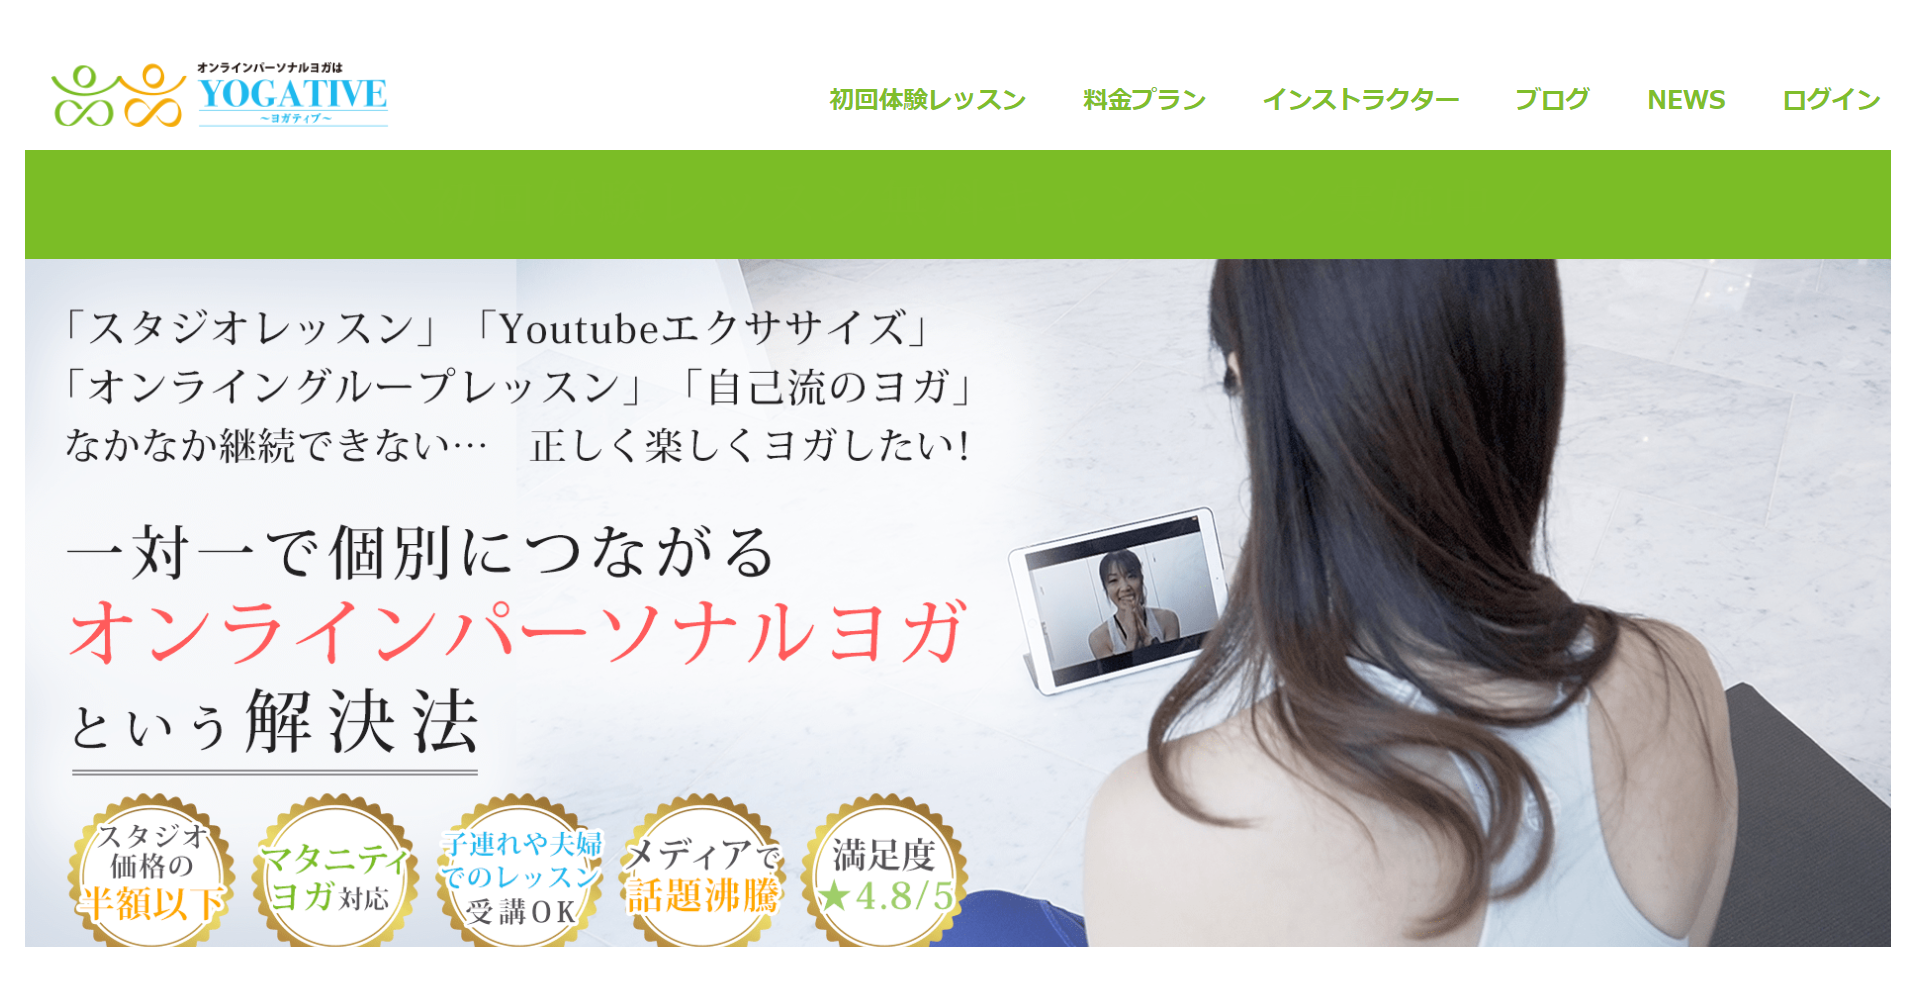 ヨガティブの口コミ・評判。パーソナルヨガをオンラインでやることのメリット。